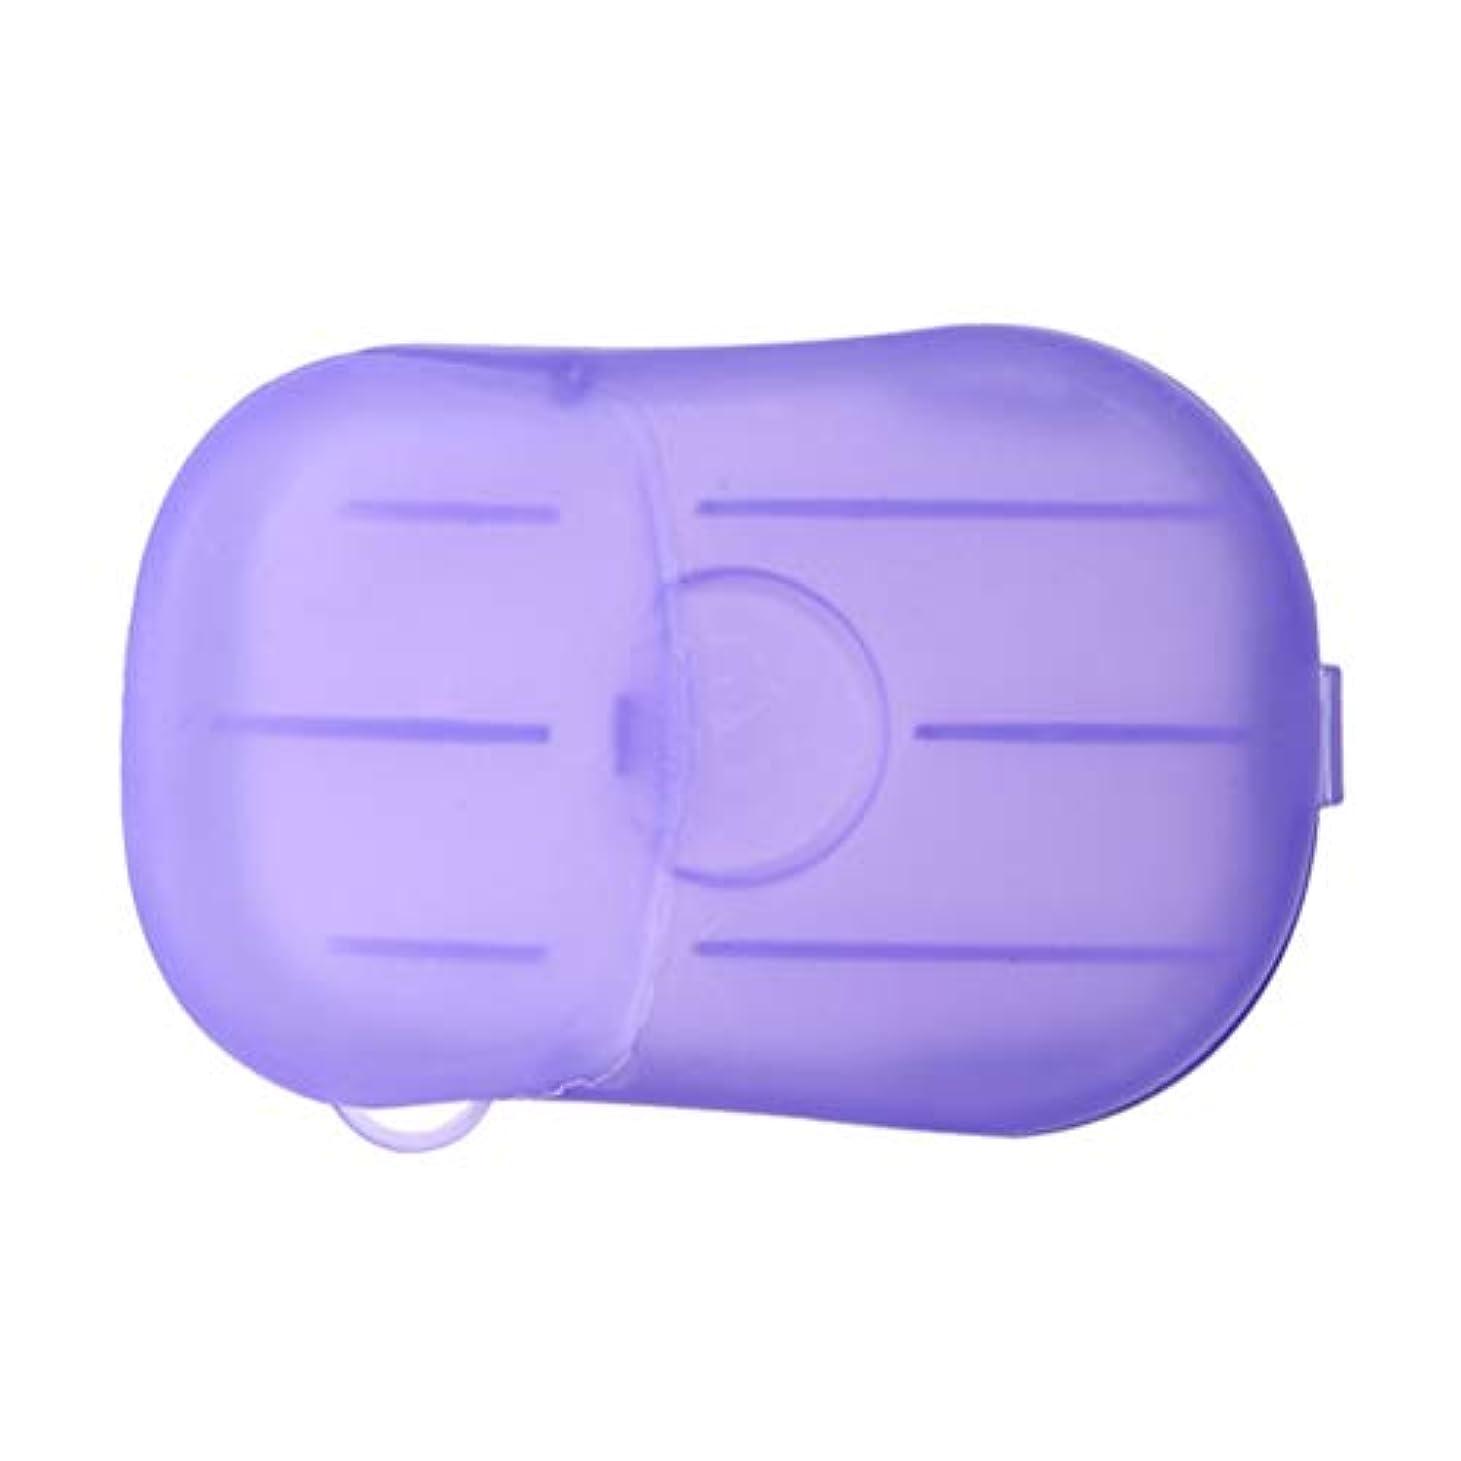 霊追加アマチュアLIOOBO 20ピース石鹸フレーク使い捨てクリーニングペーパーポータブルシャワー用品手洗い石鹸シーツ付きトラベルキャンプハイキング(パープル)